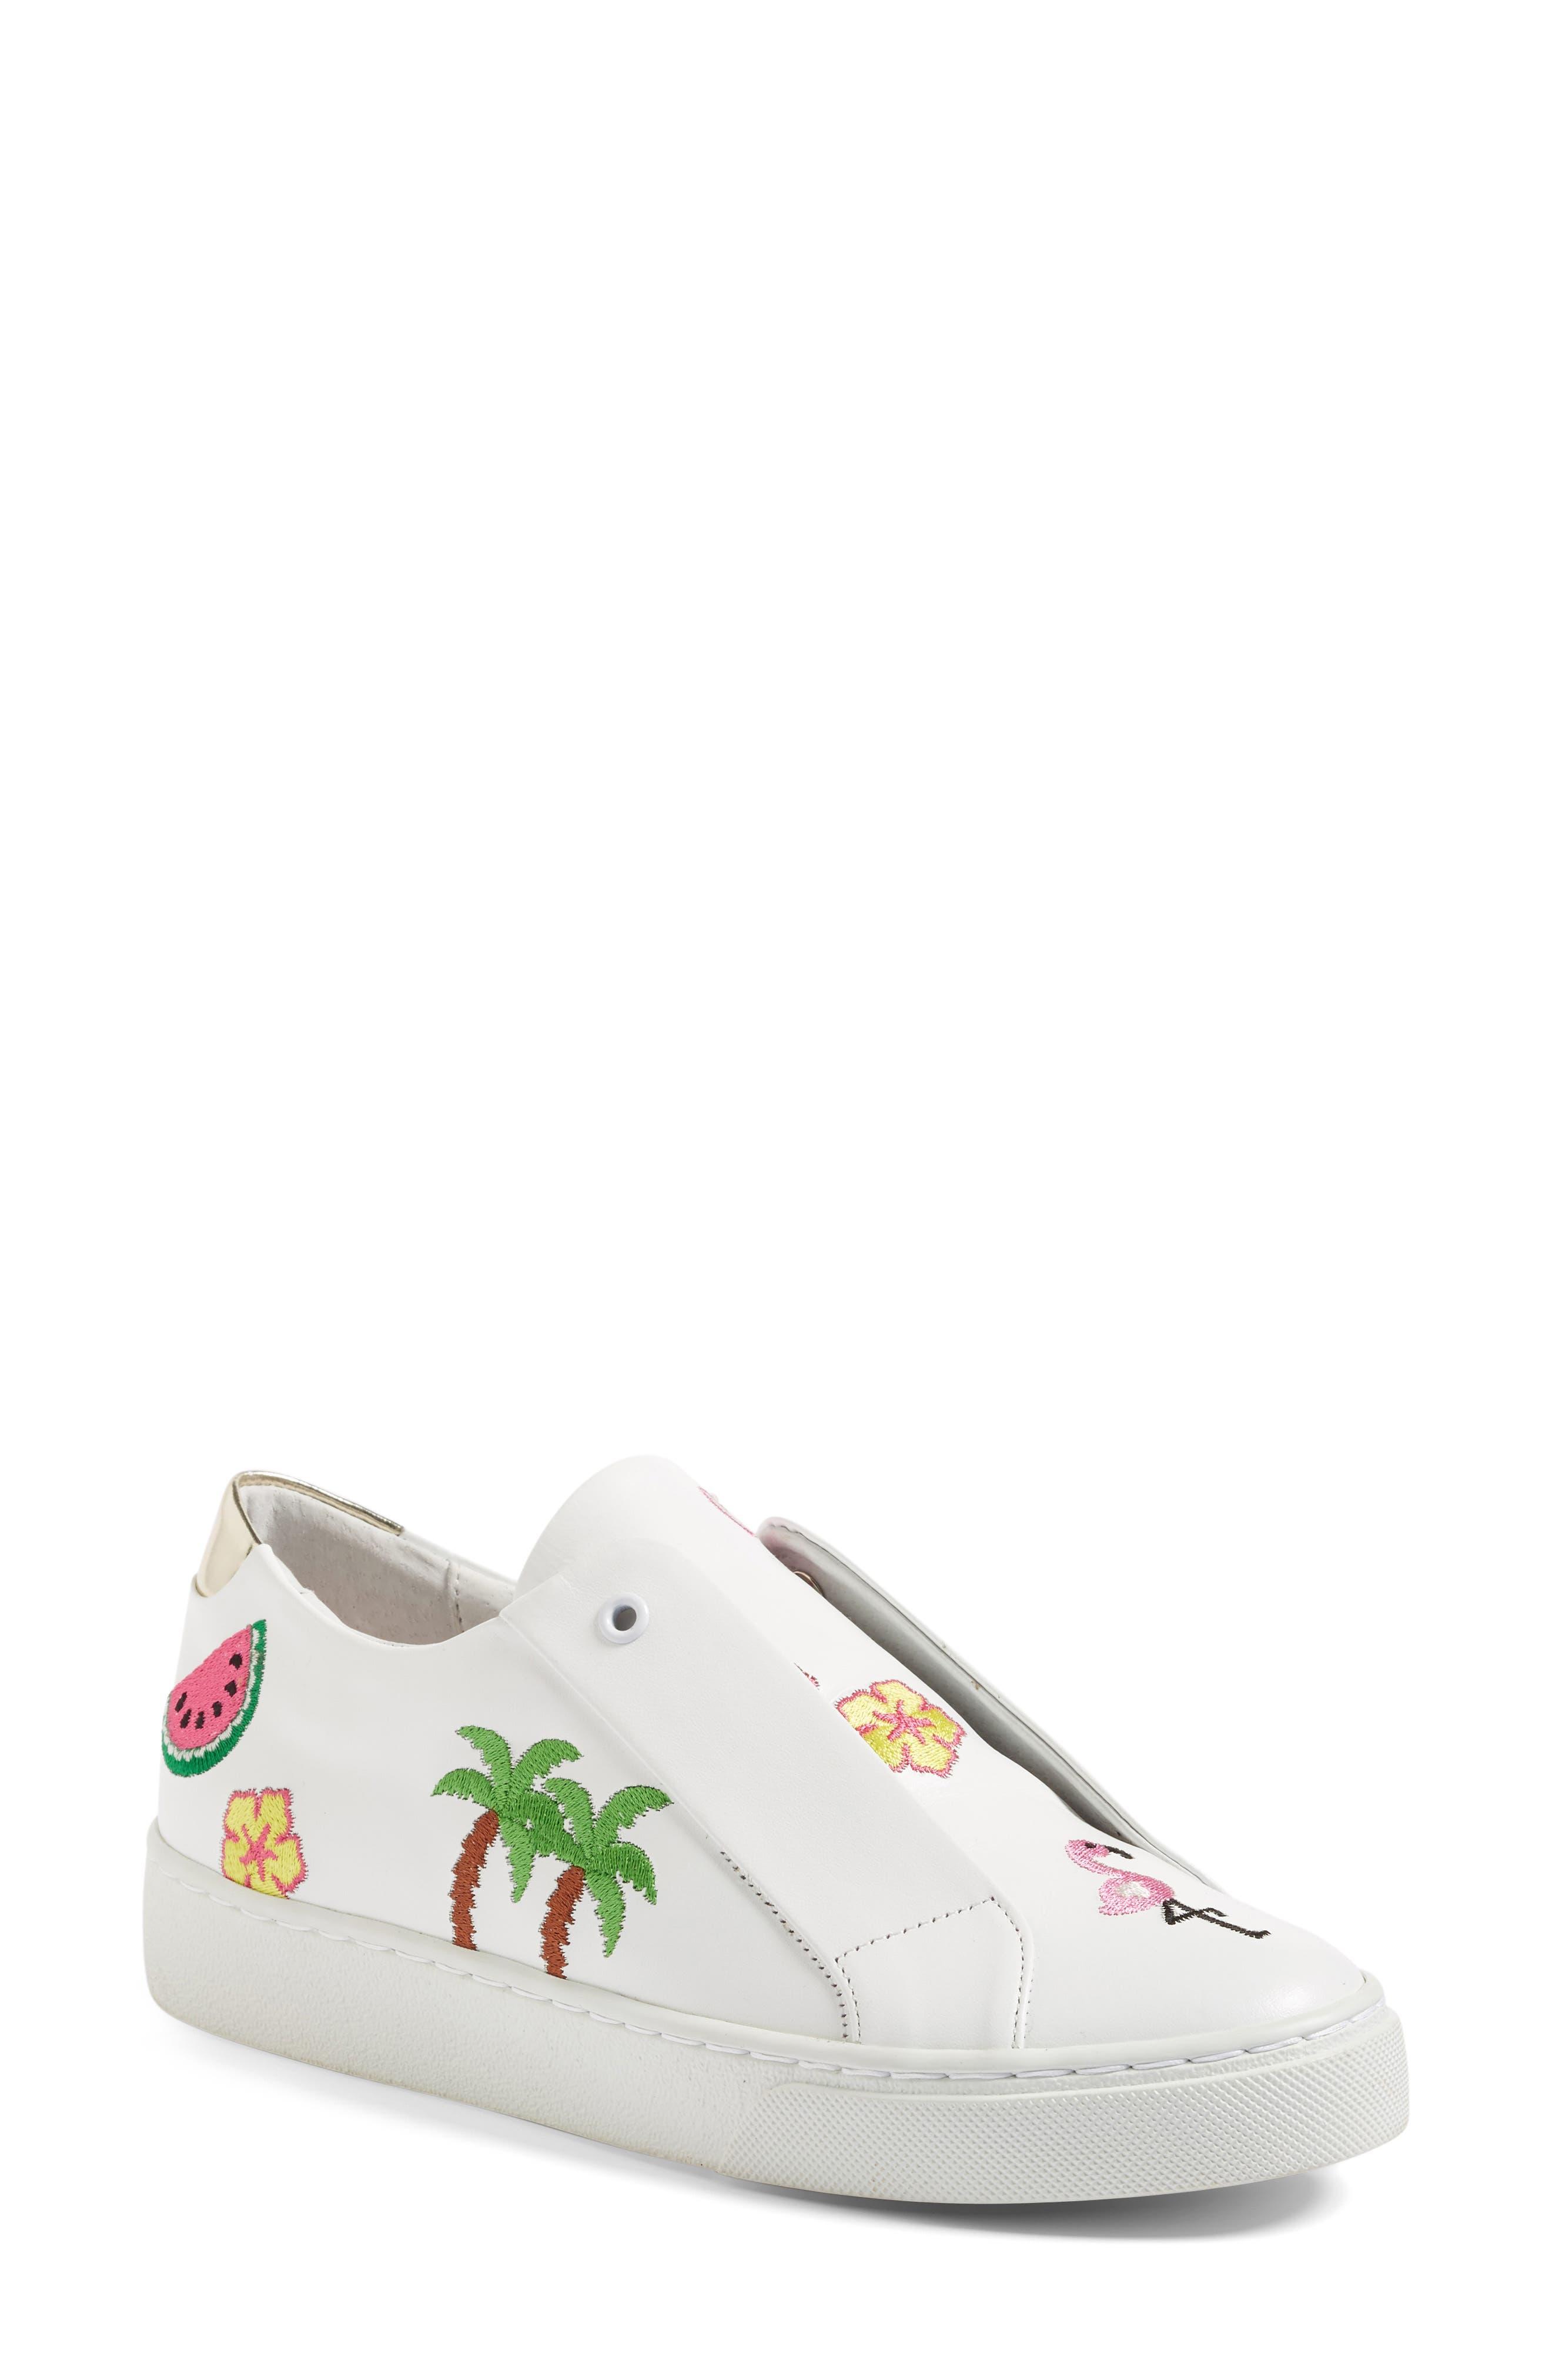 Kamea Slip-On Sneaker,                             Alternate thumbnail 2, color,                             100